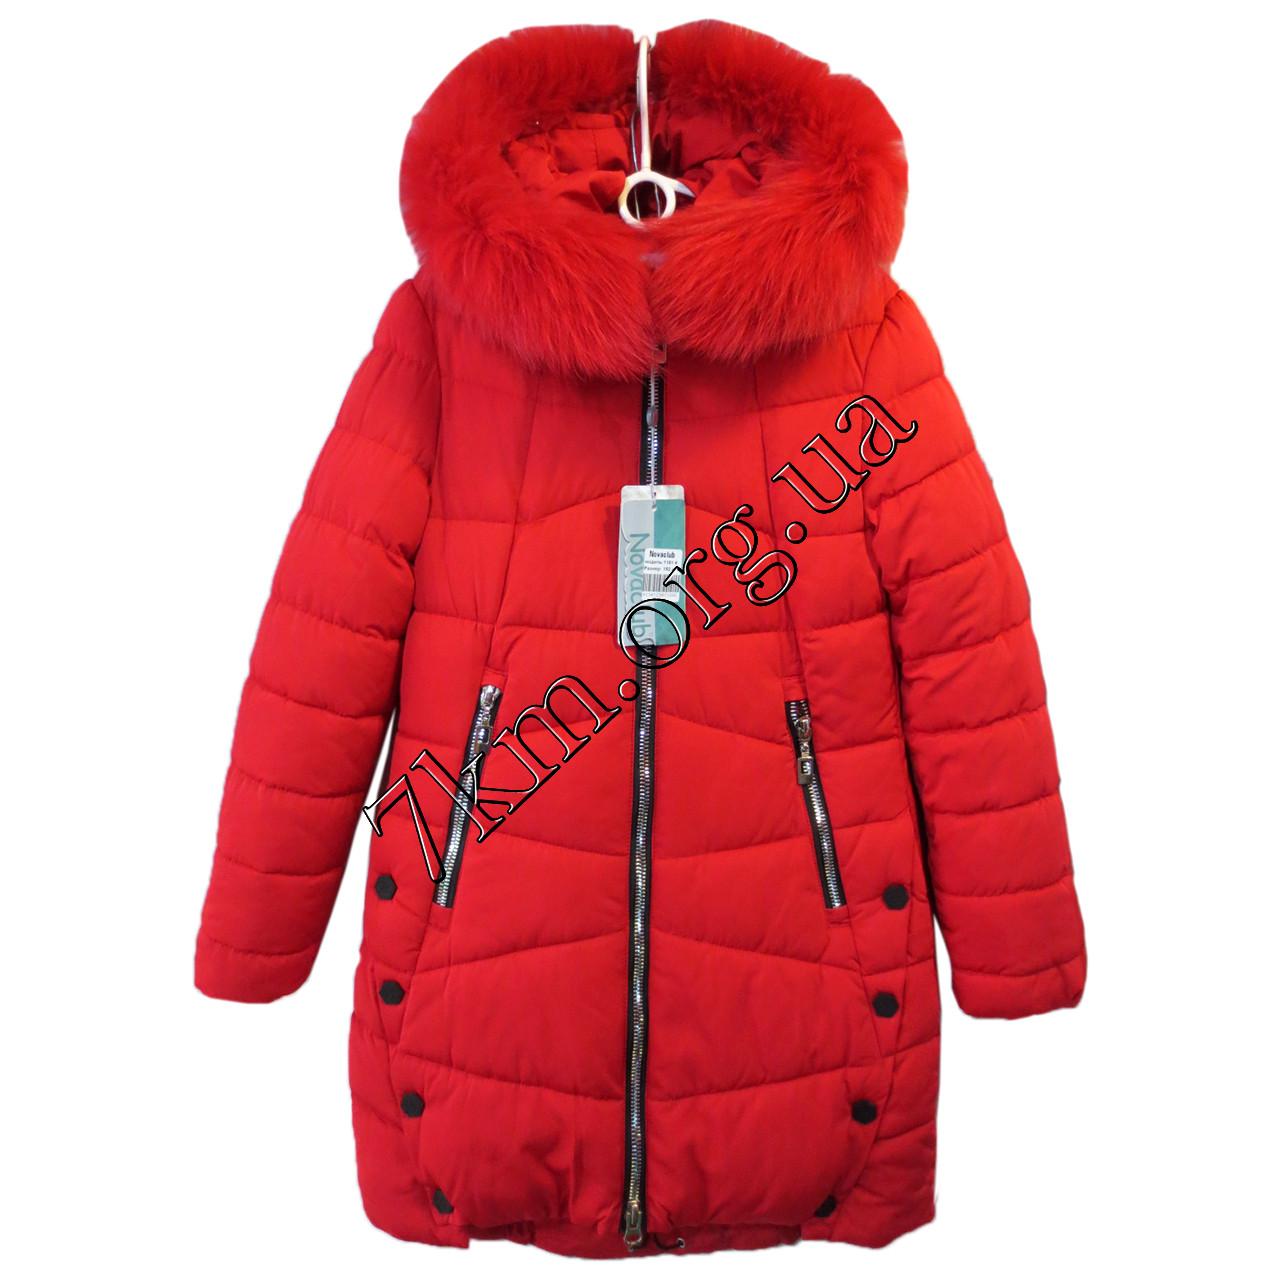 392361ca07a Куртка детская для девочек 140-164 см. красная Китай Оптом Li 1161 ...